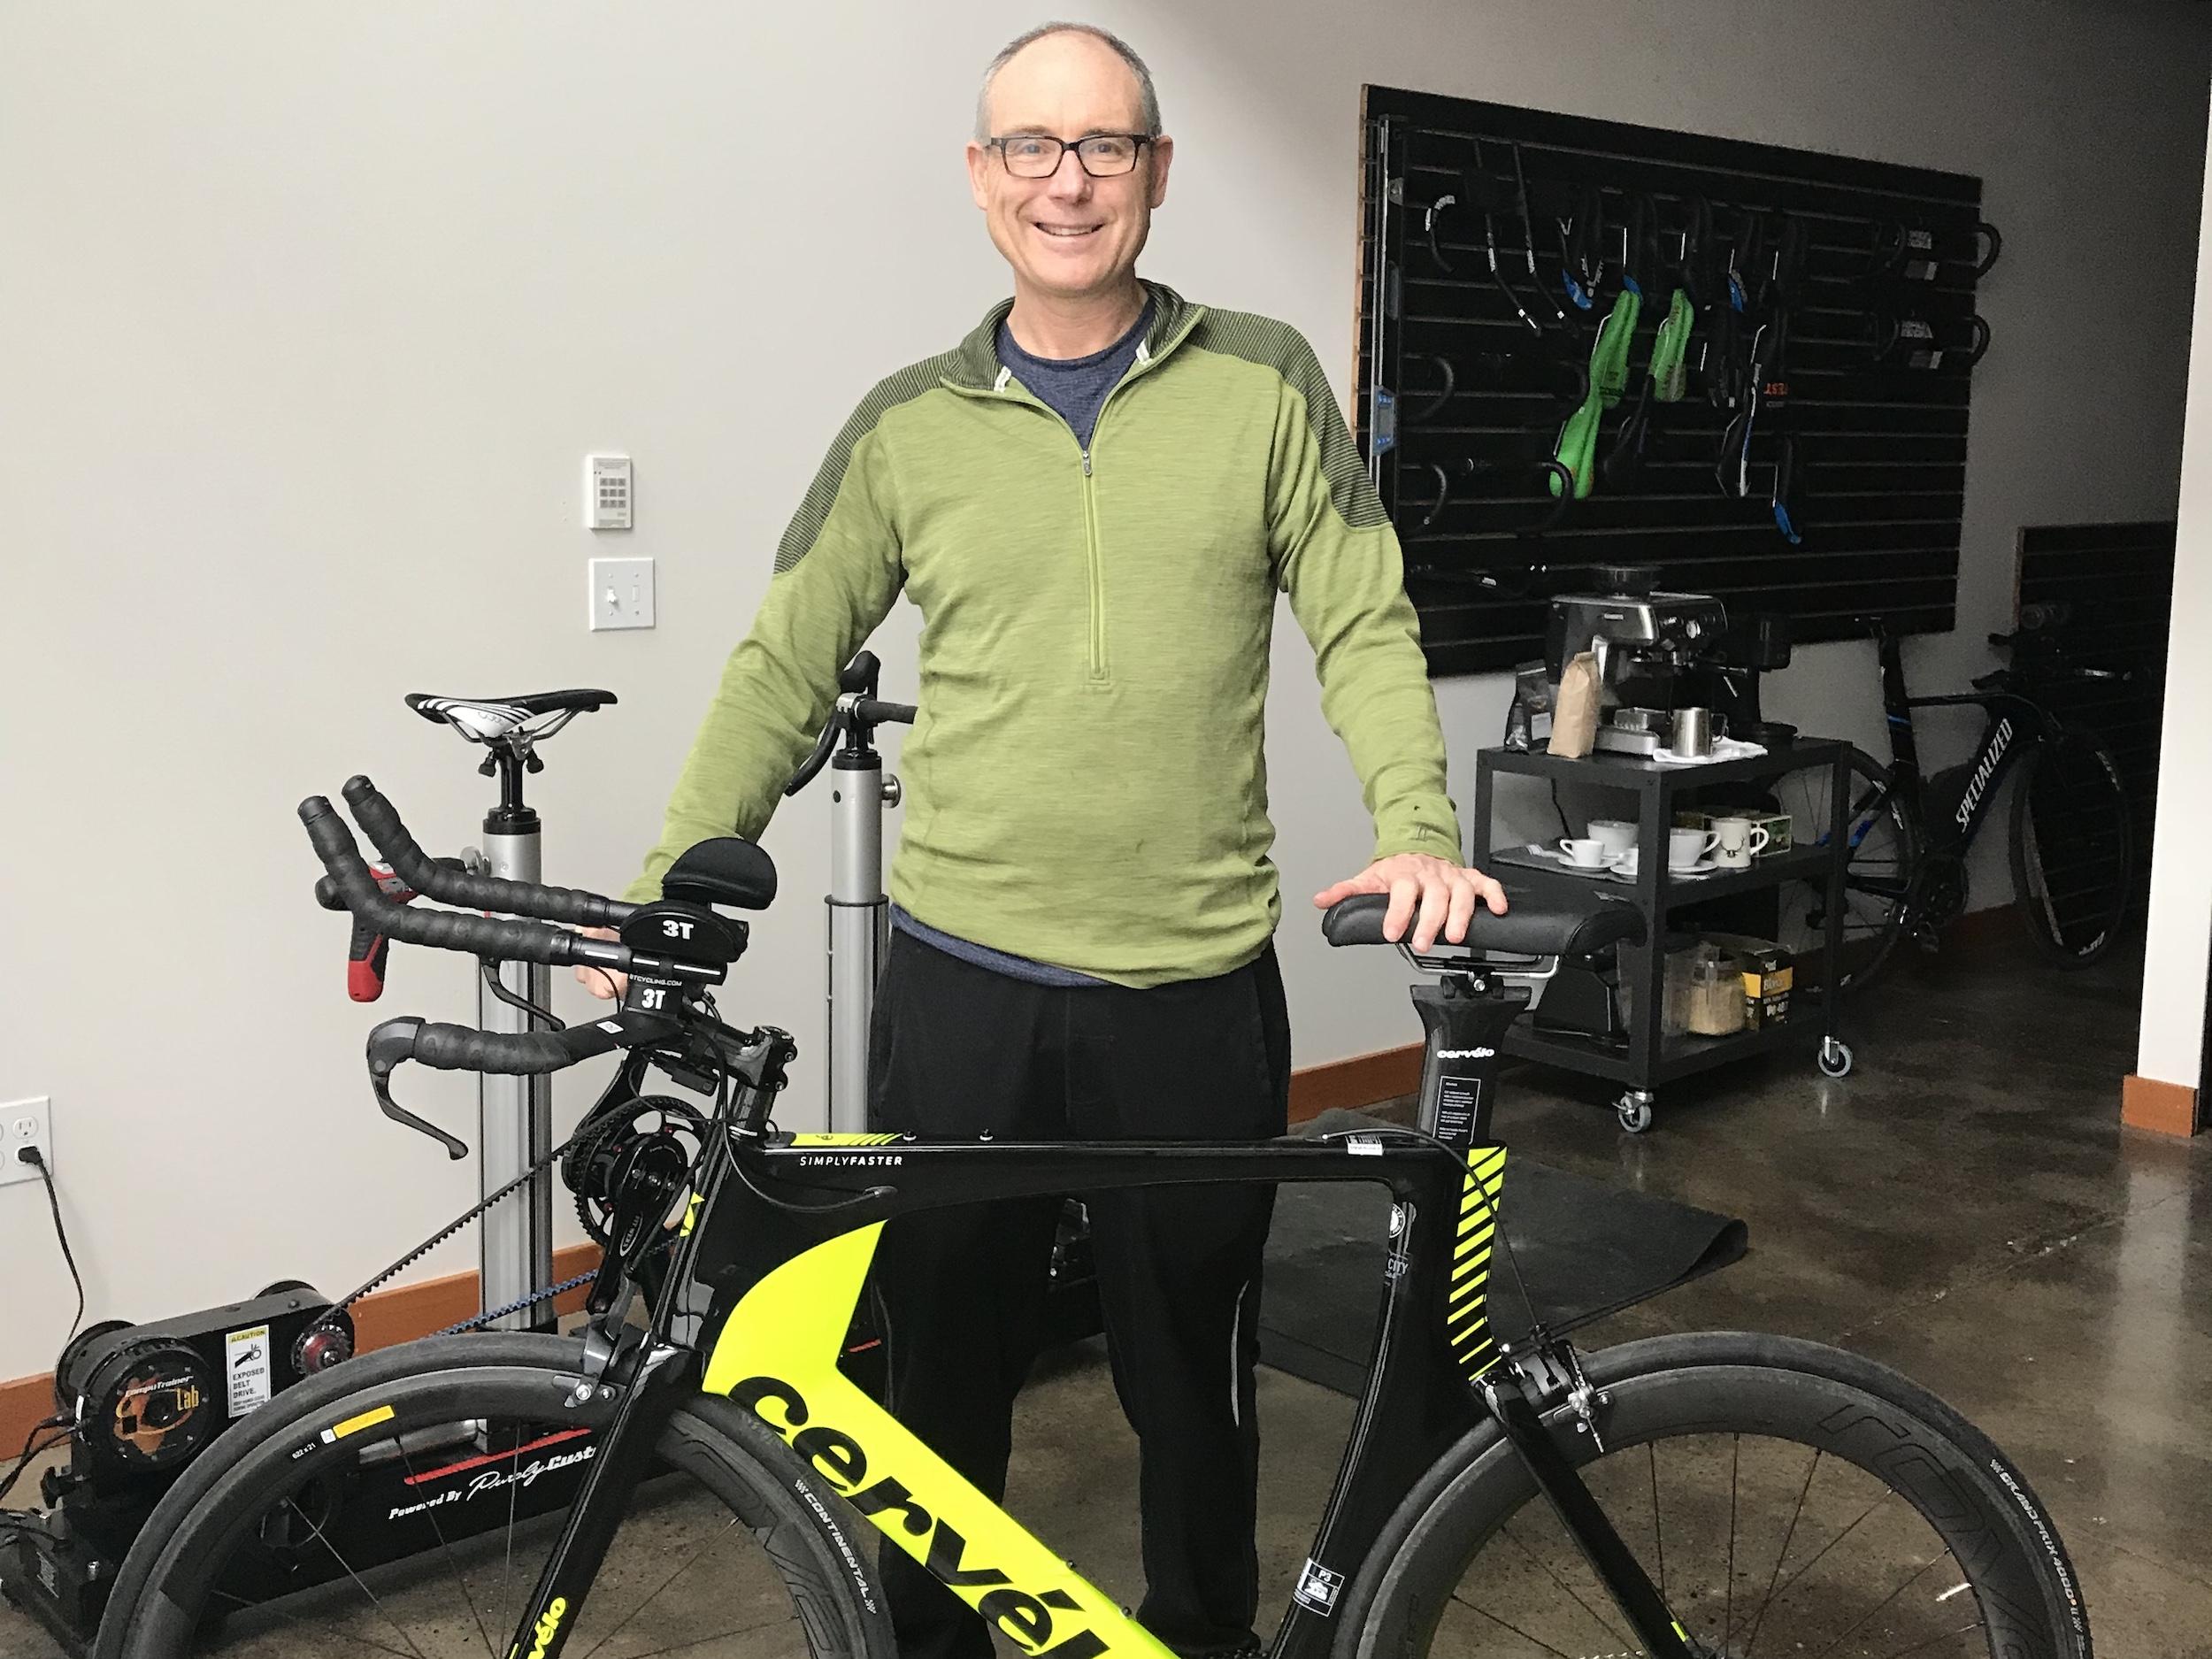 Dieter New Bike Copy.jpeg